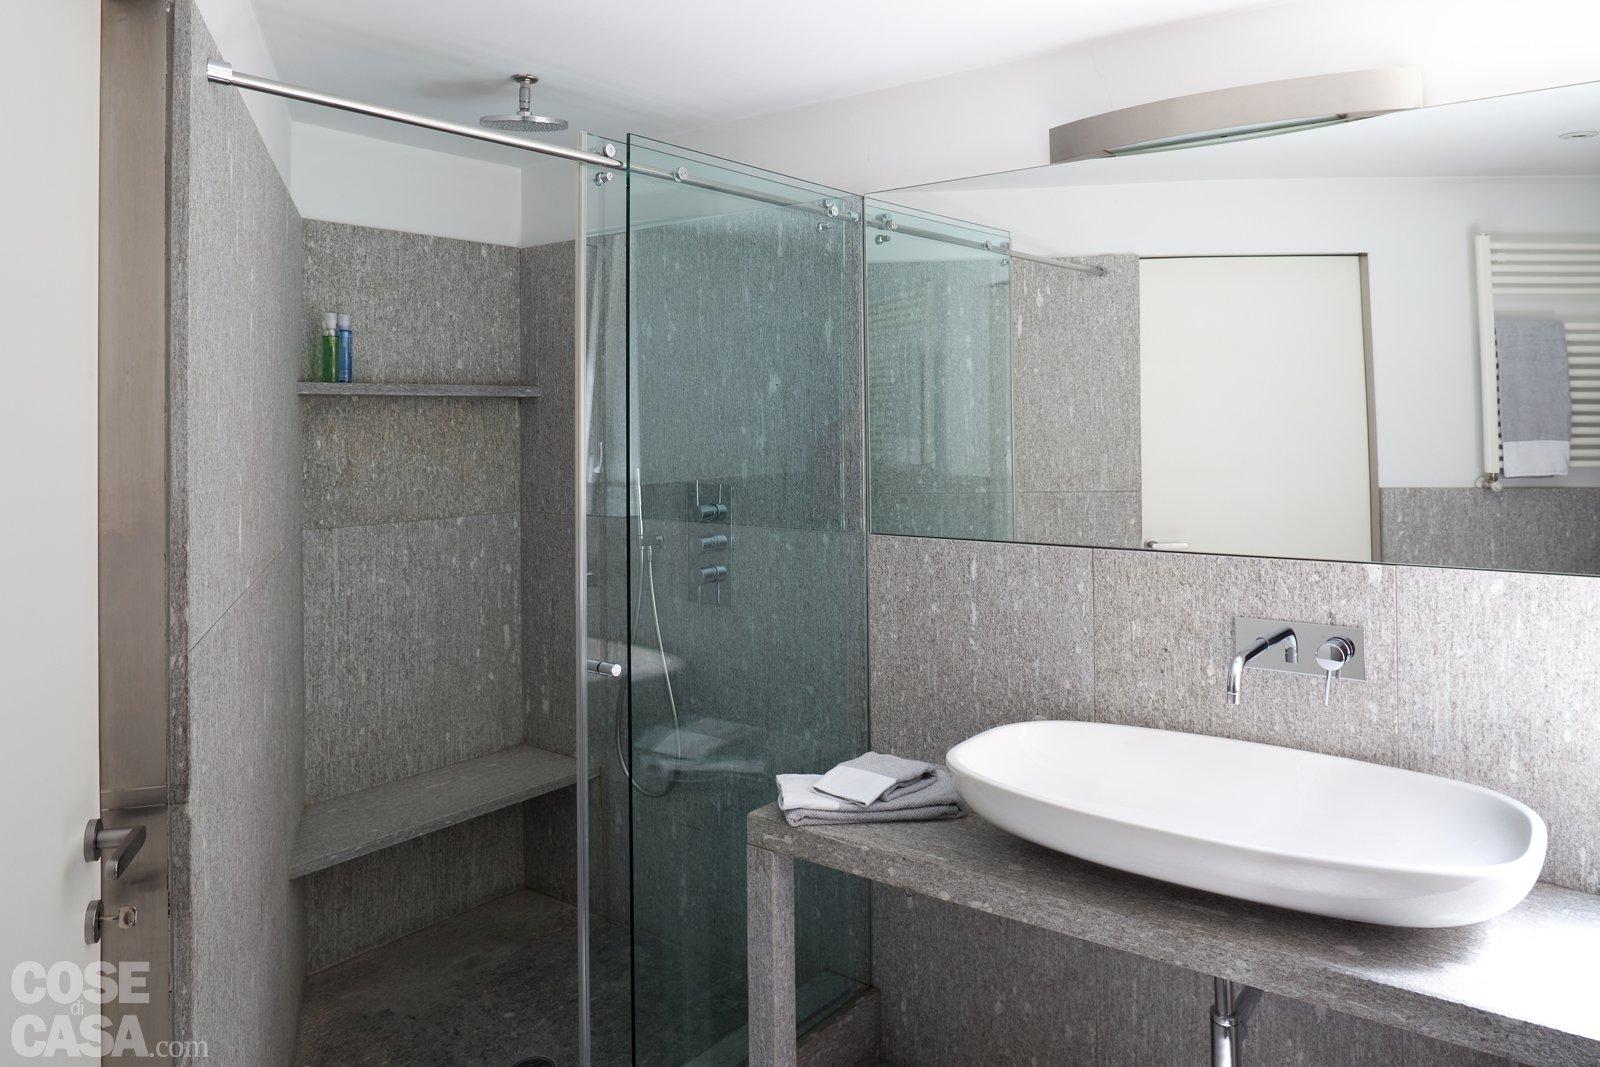 70 mq casa con veranda cose di casa - Progetto bagno 2 mq ...